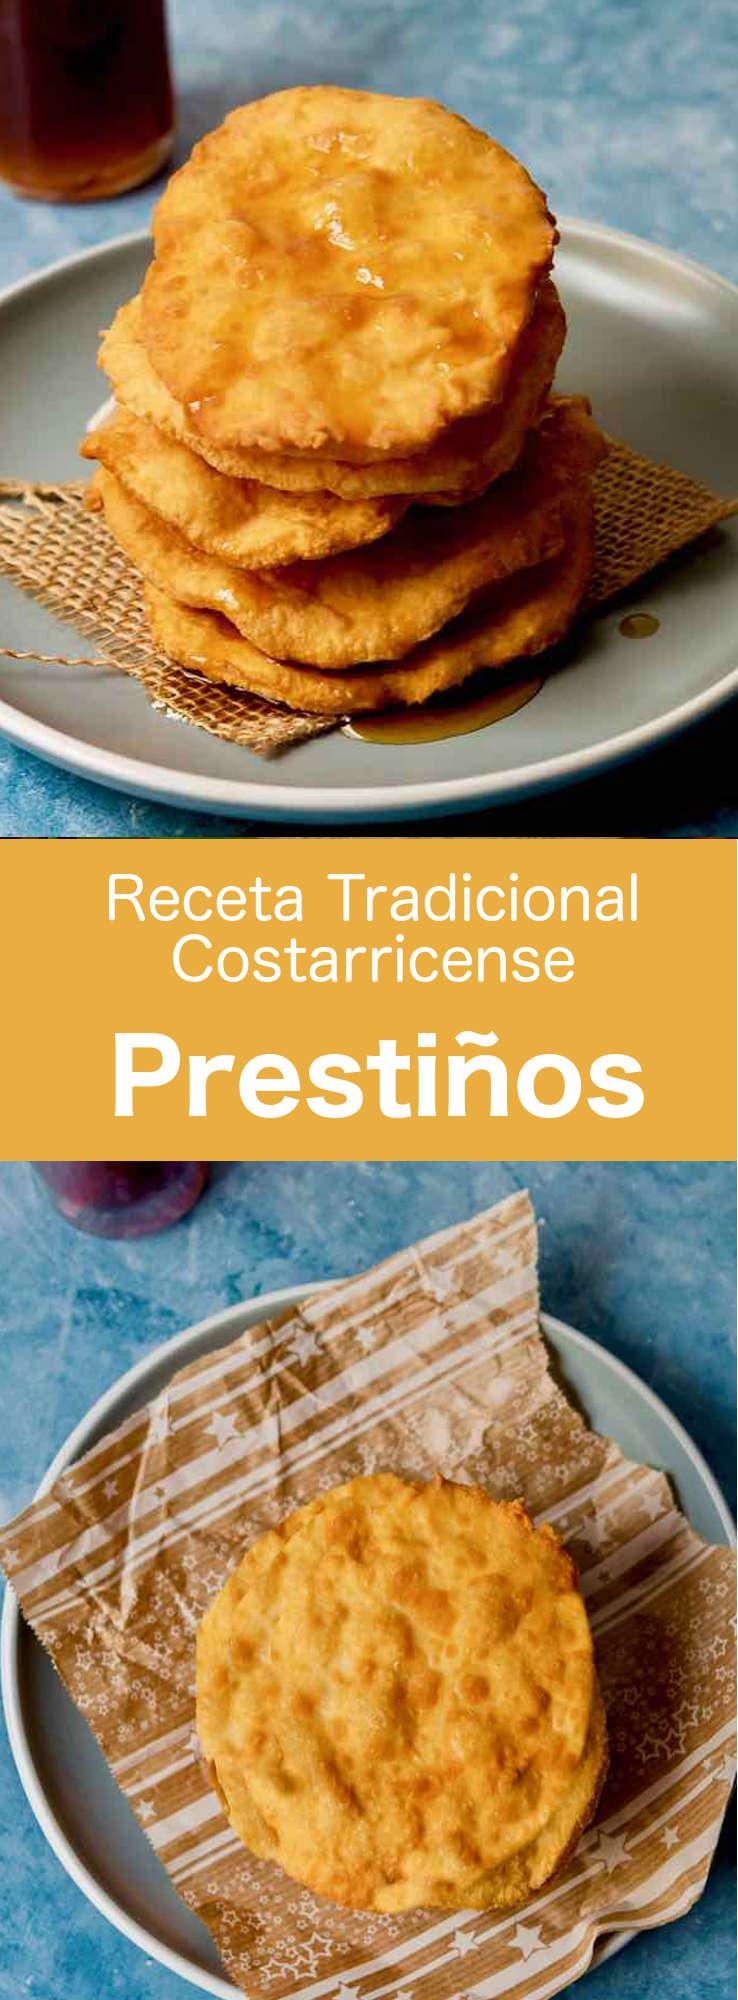 Los prestiños son dulces tradicionales costarricenses que consisten en una masa delgada y frita, y un jarabe de tapa de dulce (panela).